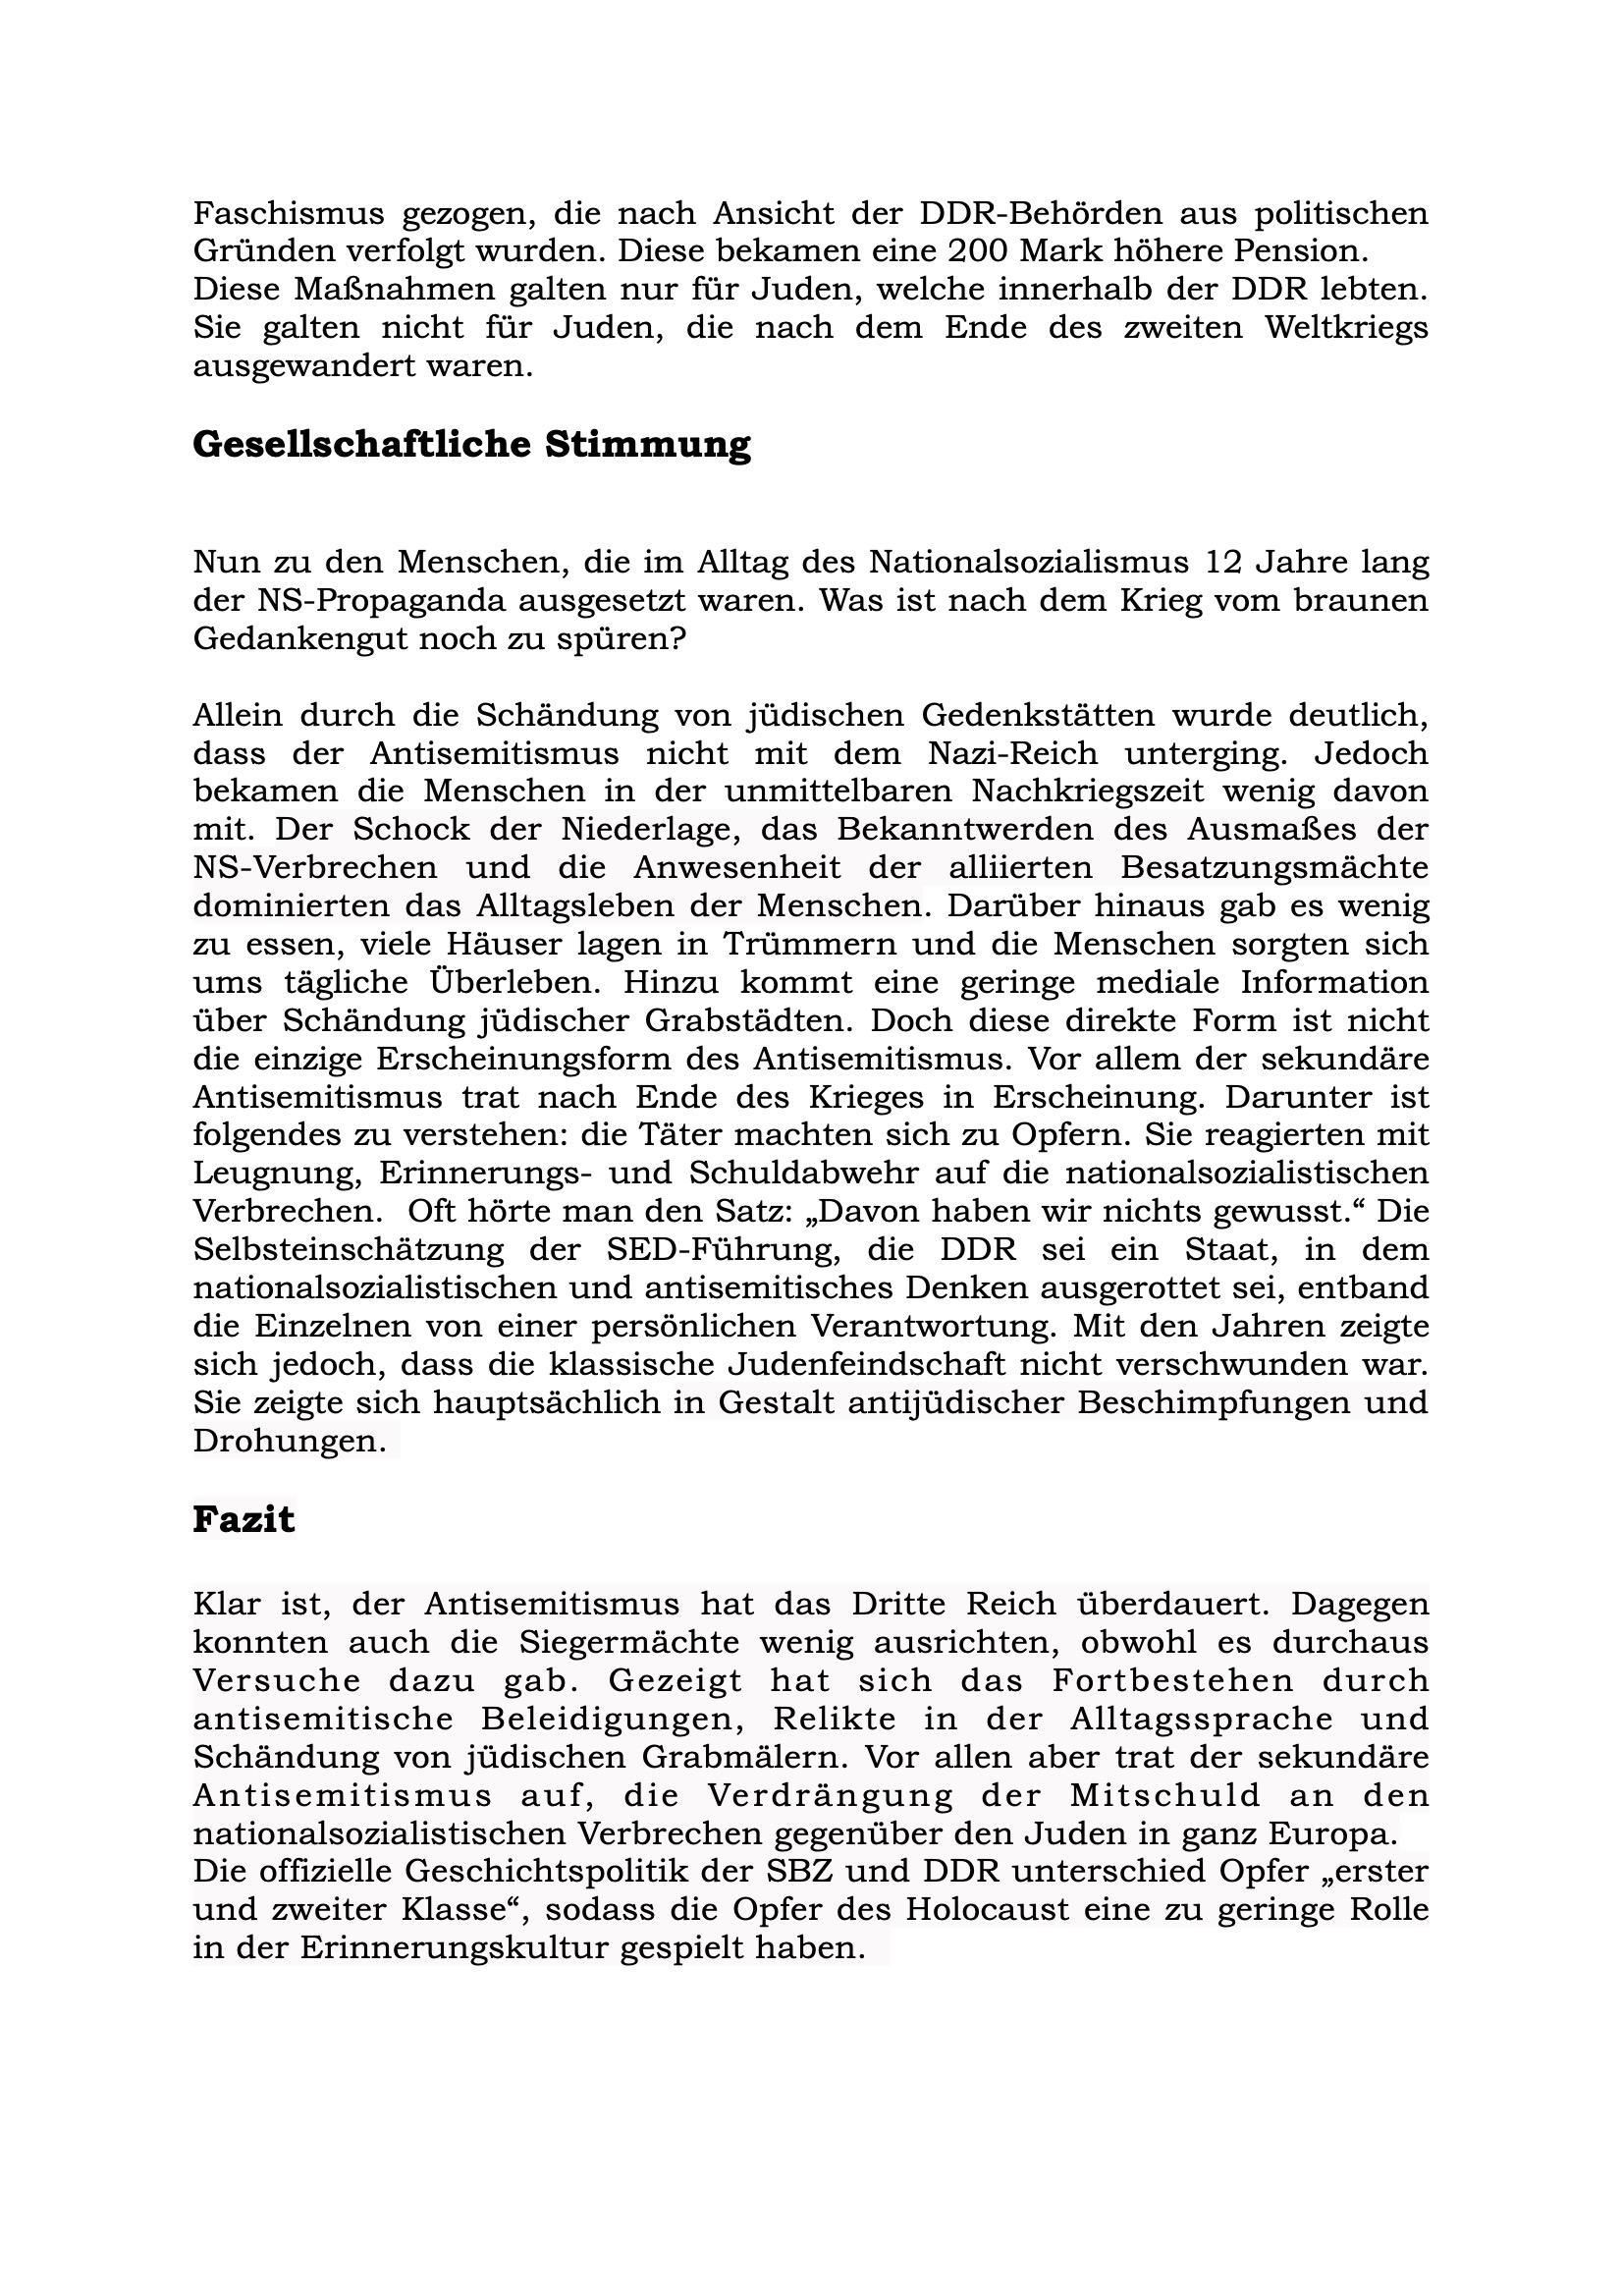 Artikel Antisemitismus nach dem Zweiten Weltkrieg-Seite 2